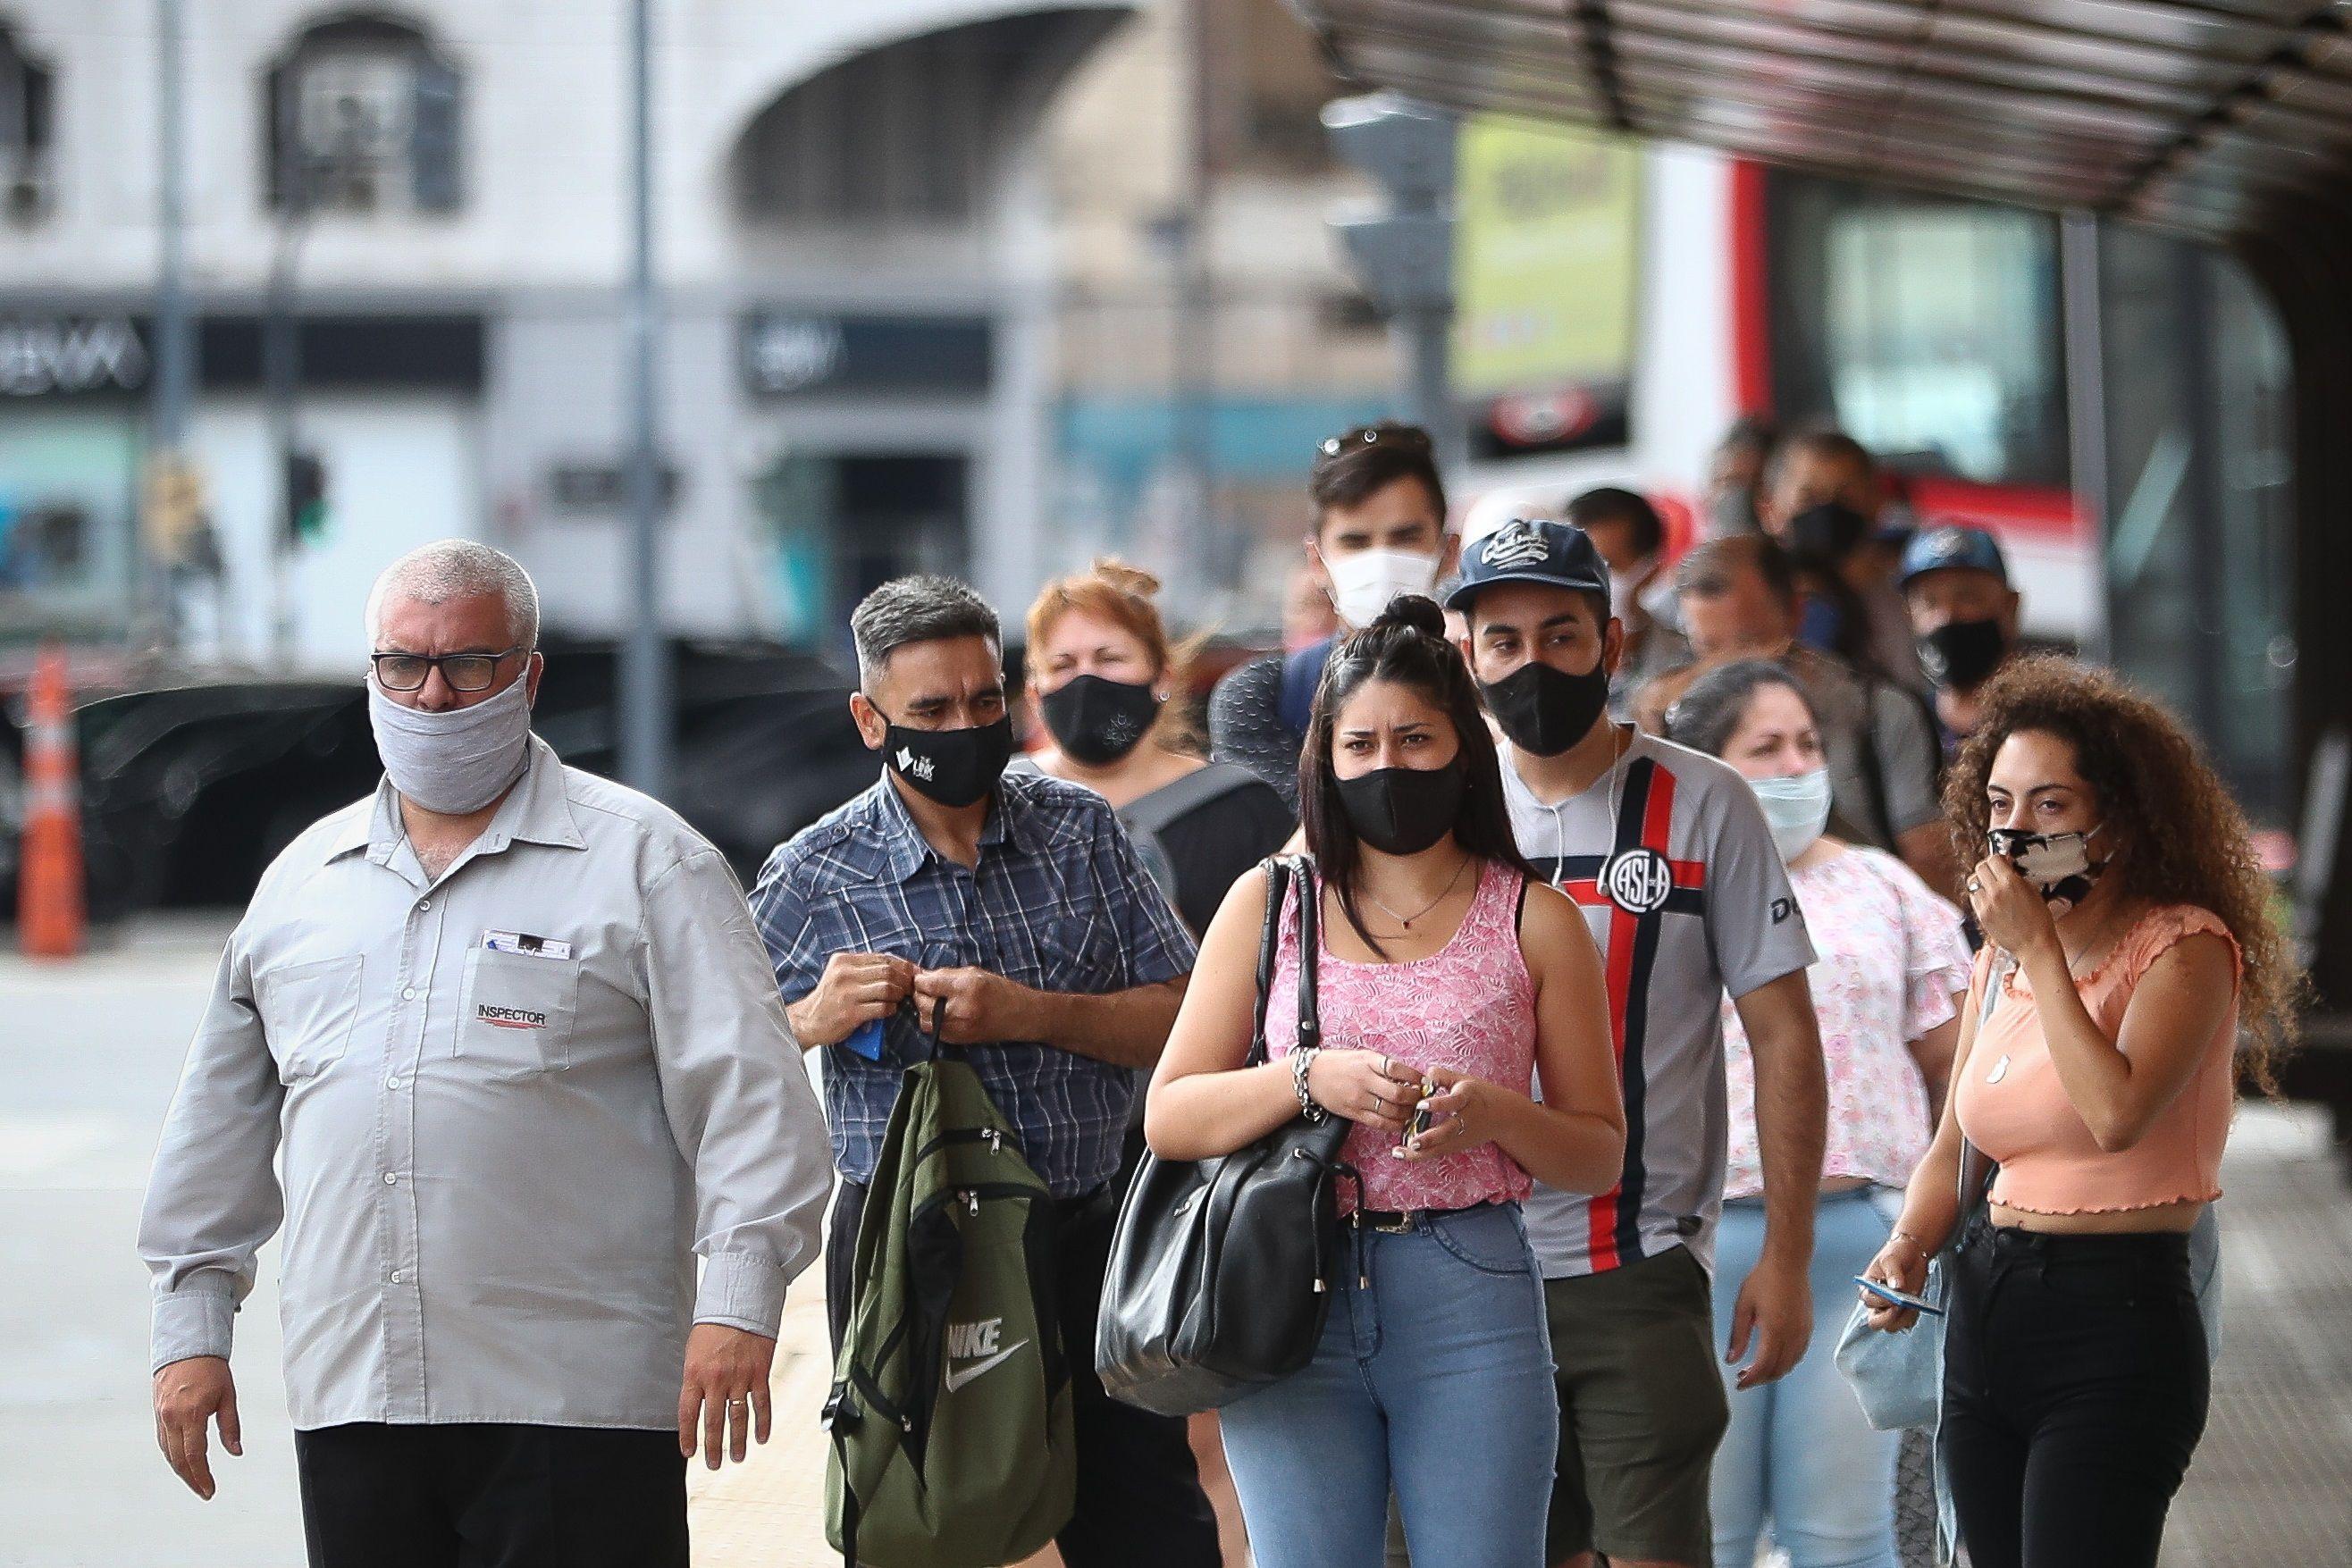 El aumento de los casos preocupa a los tres gobiernos, que concidieron en que deben tomar medidas con urgencia  (EFE/ Juan Ignacio Roncoroni/Archivo)